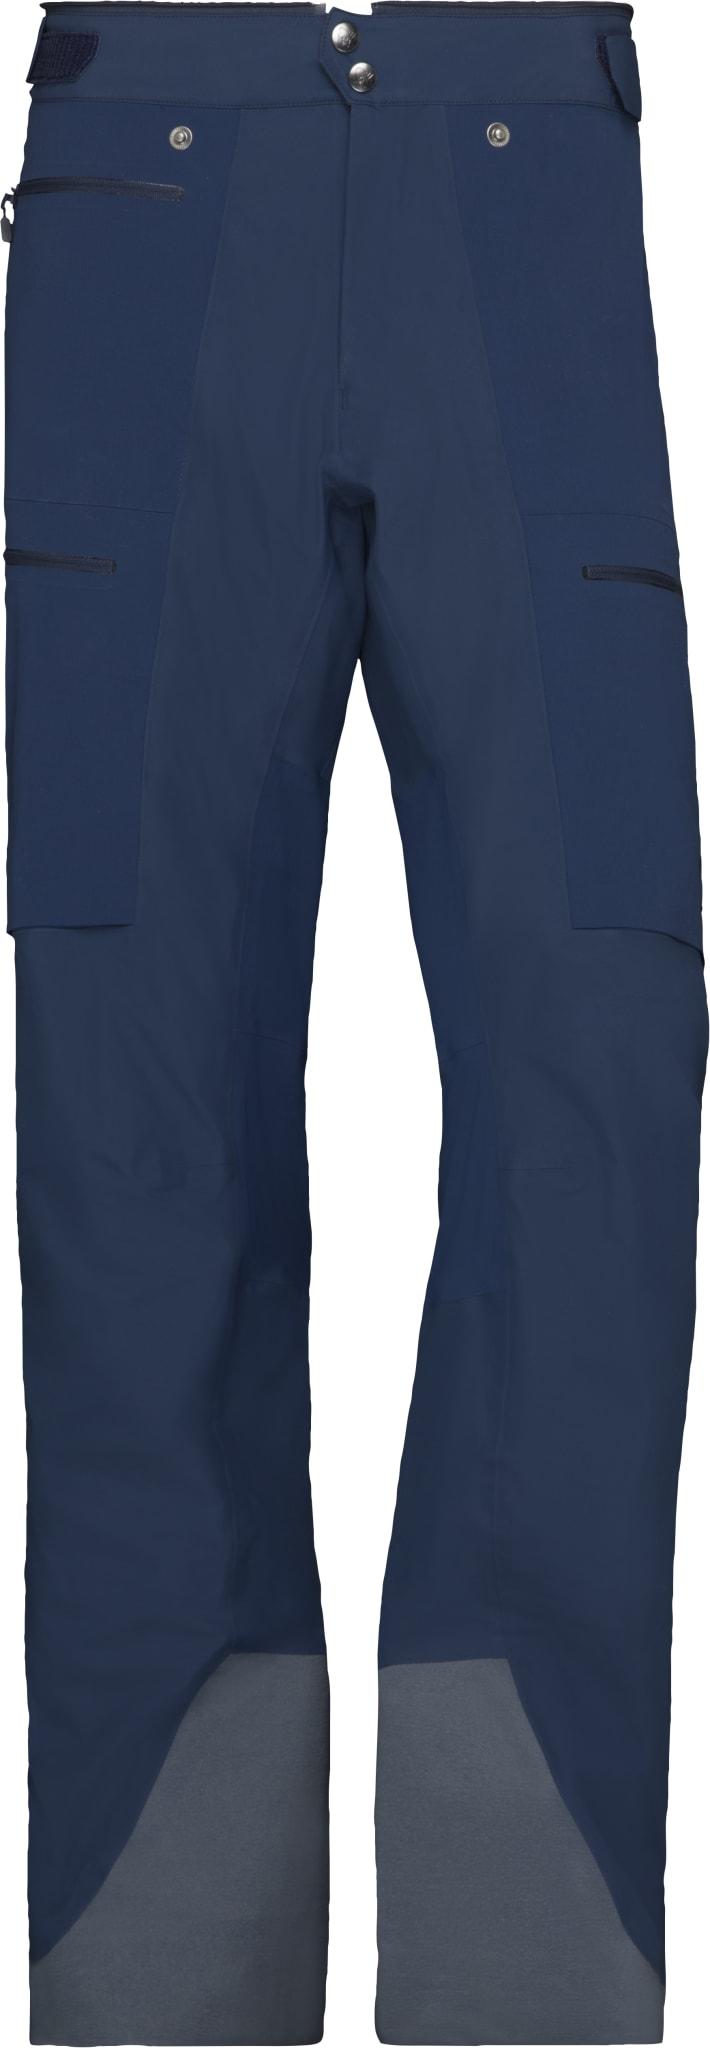 Minimalistiske, vindtette og vannavstøtende bukser som er utviklet for en bedre skiopplevelse